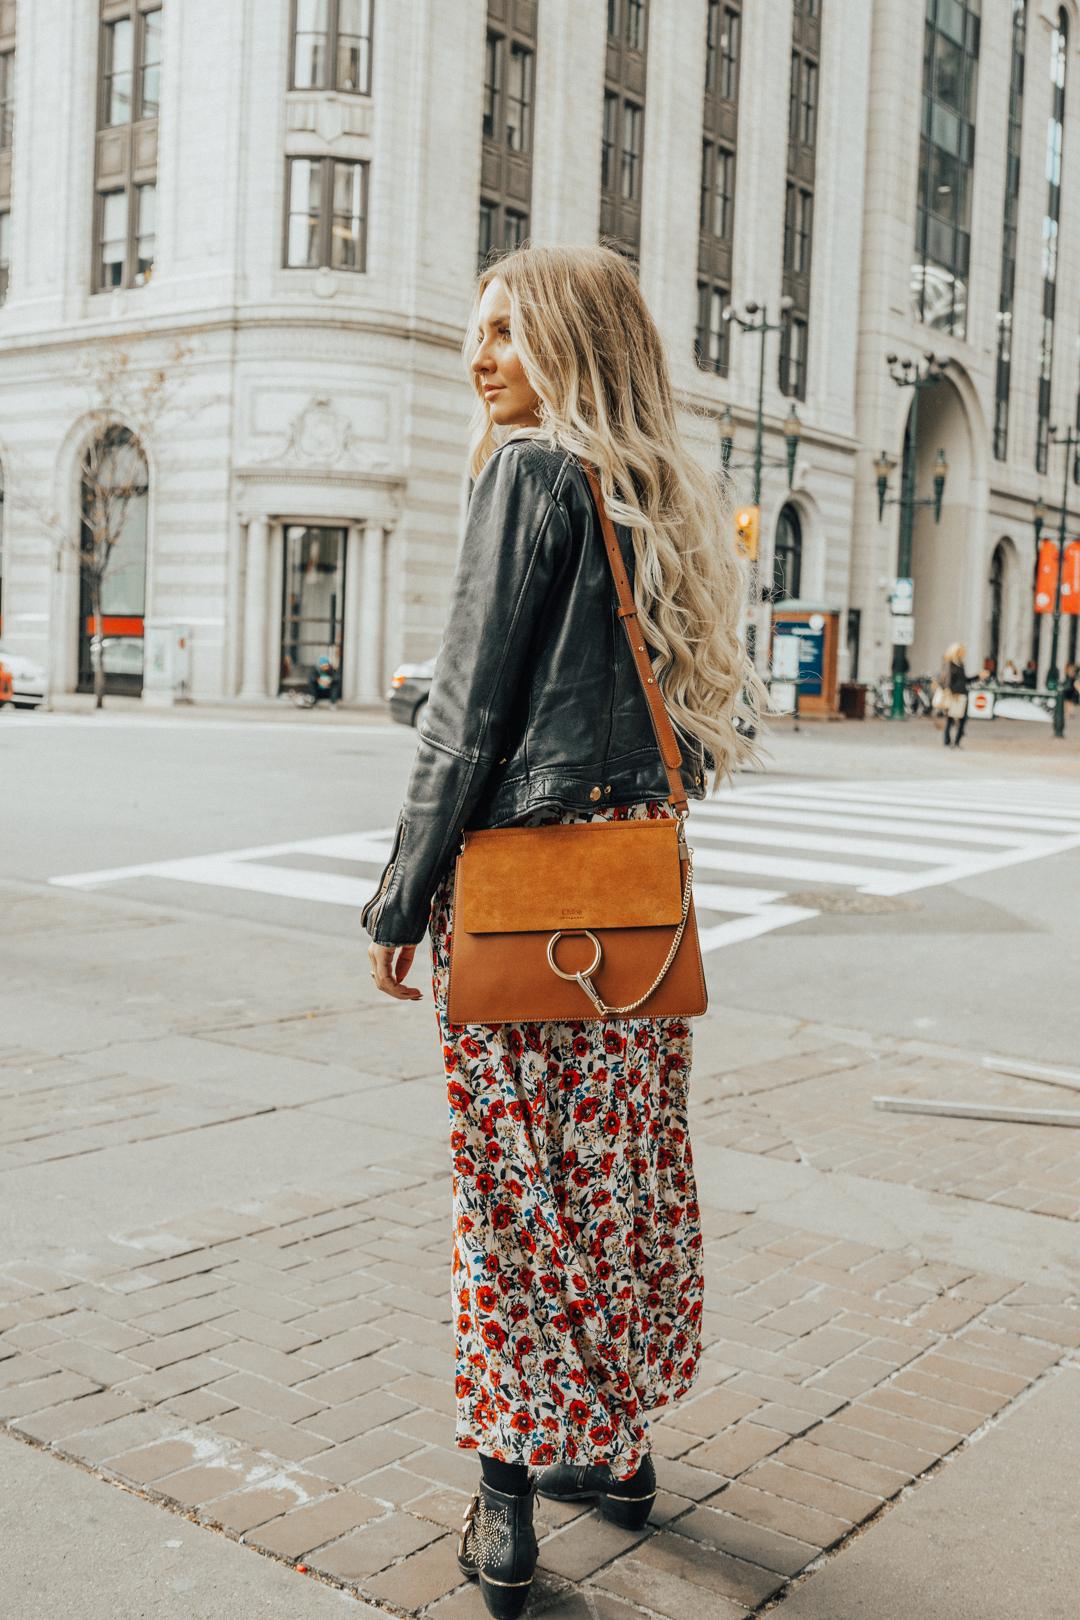 eb5ec9d0770 Outfit  Maxi Dress Love   Bag Talk with Fashionette.de